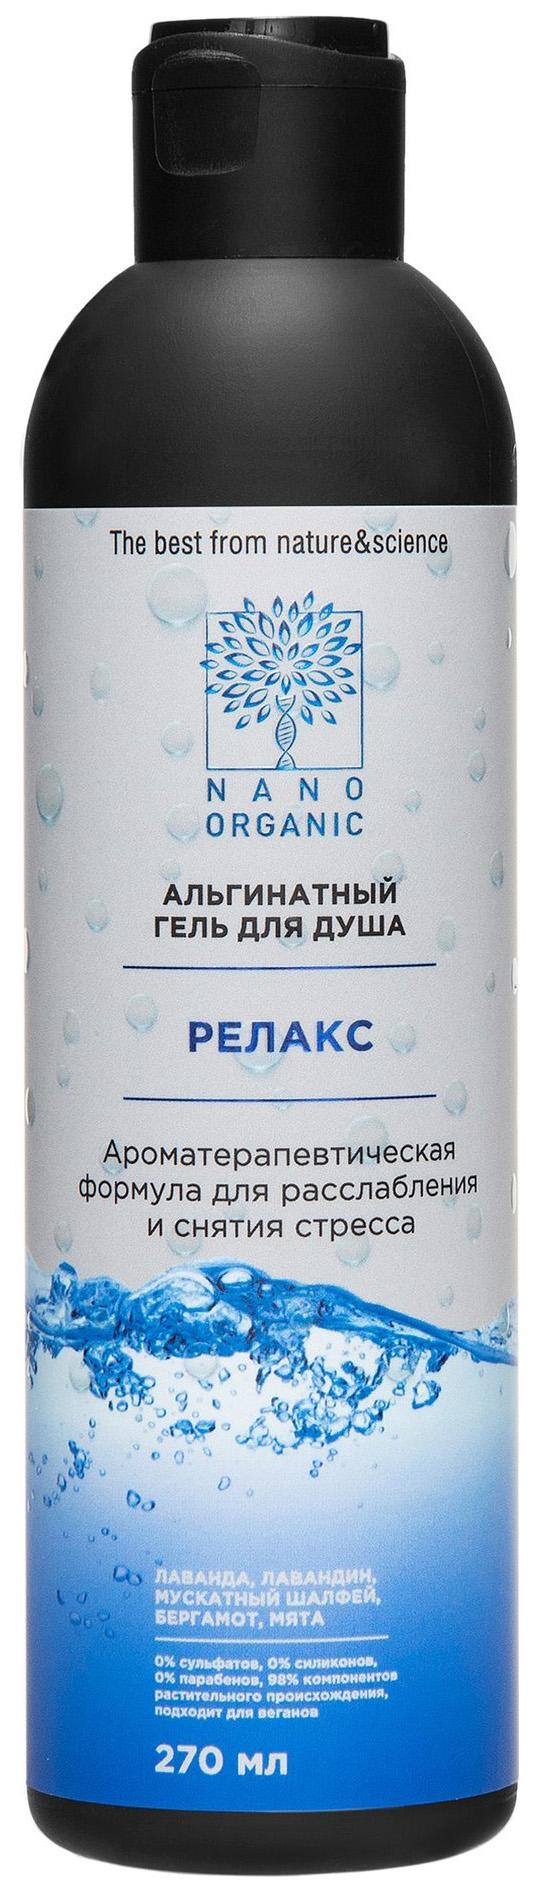 Гель для душа Nano Organic Альгинатный Релакс 270 мл фото